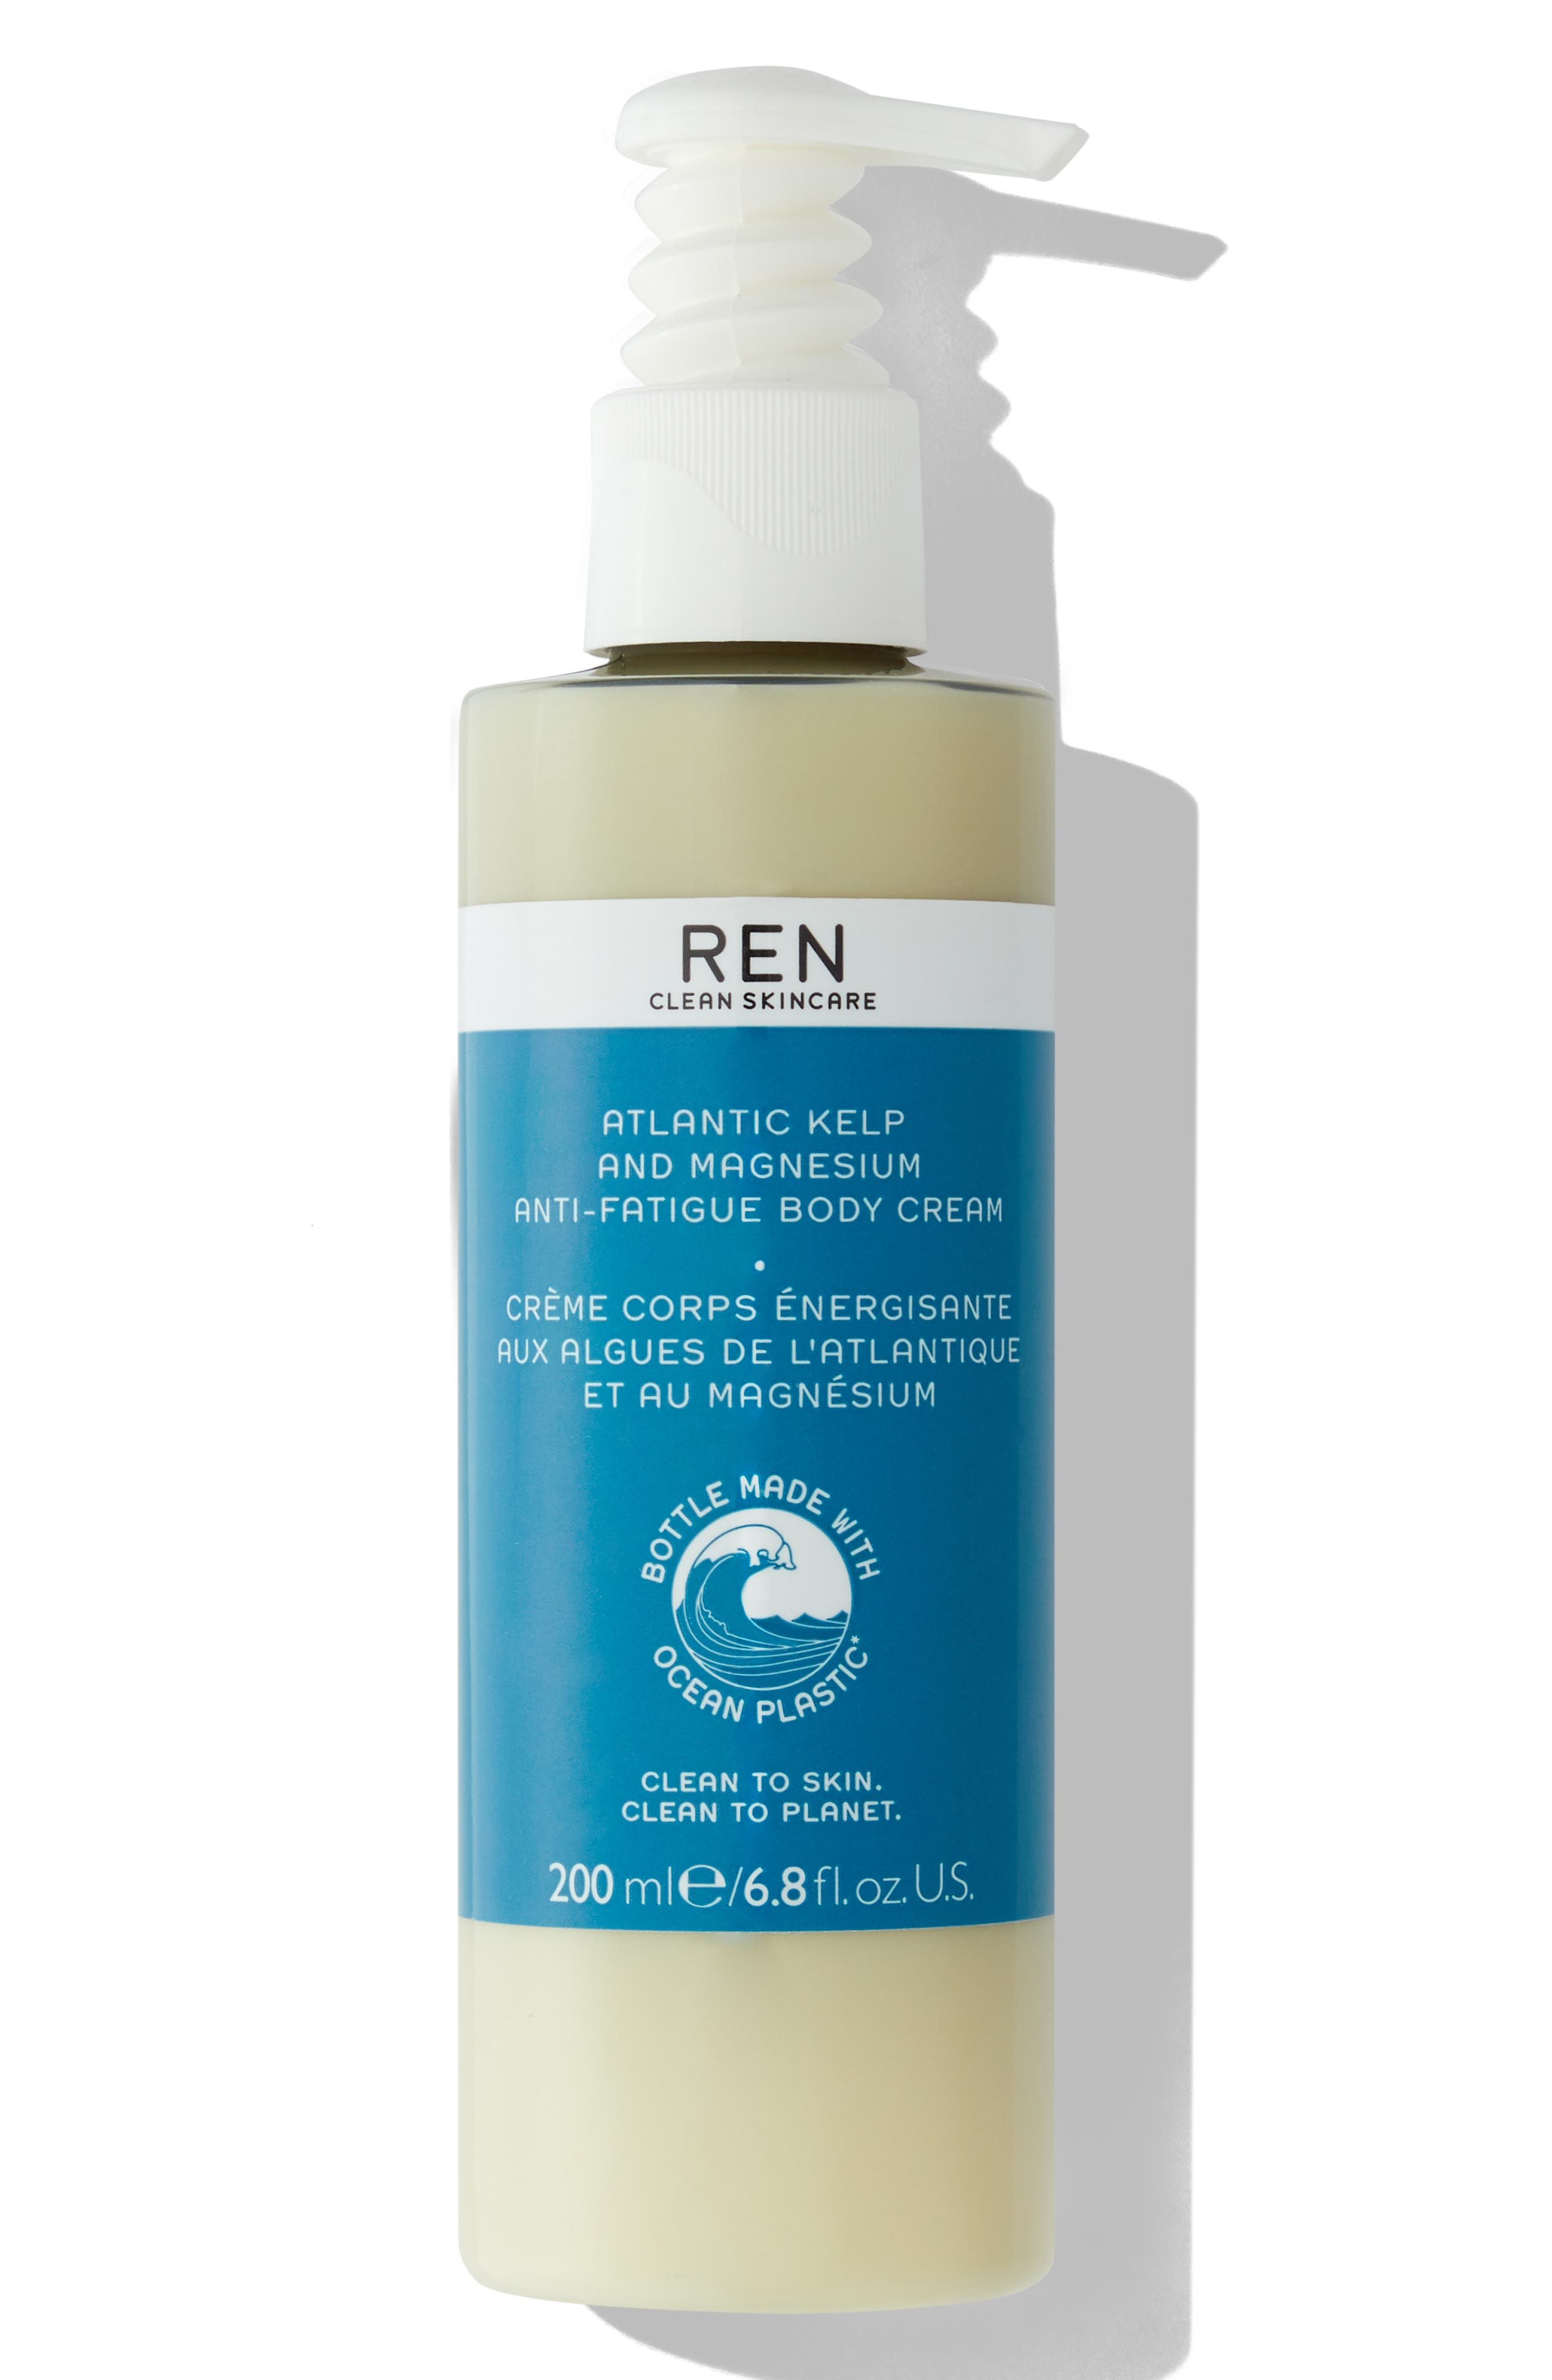 Atlantic Kelp and Magnesium Anti-Fatigue Body Cream | Nordstrom